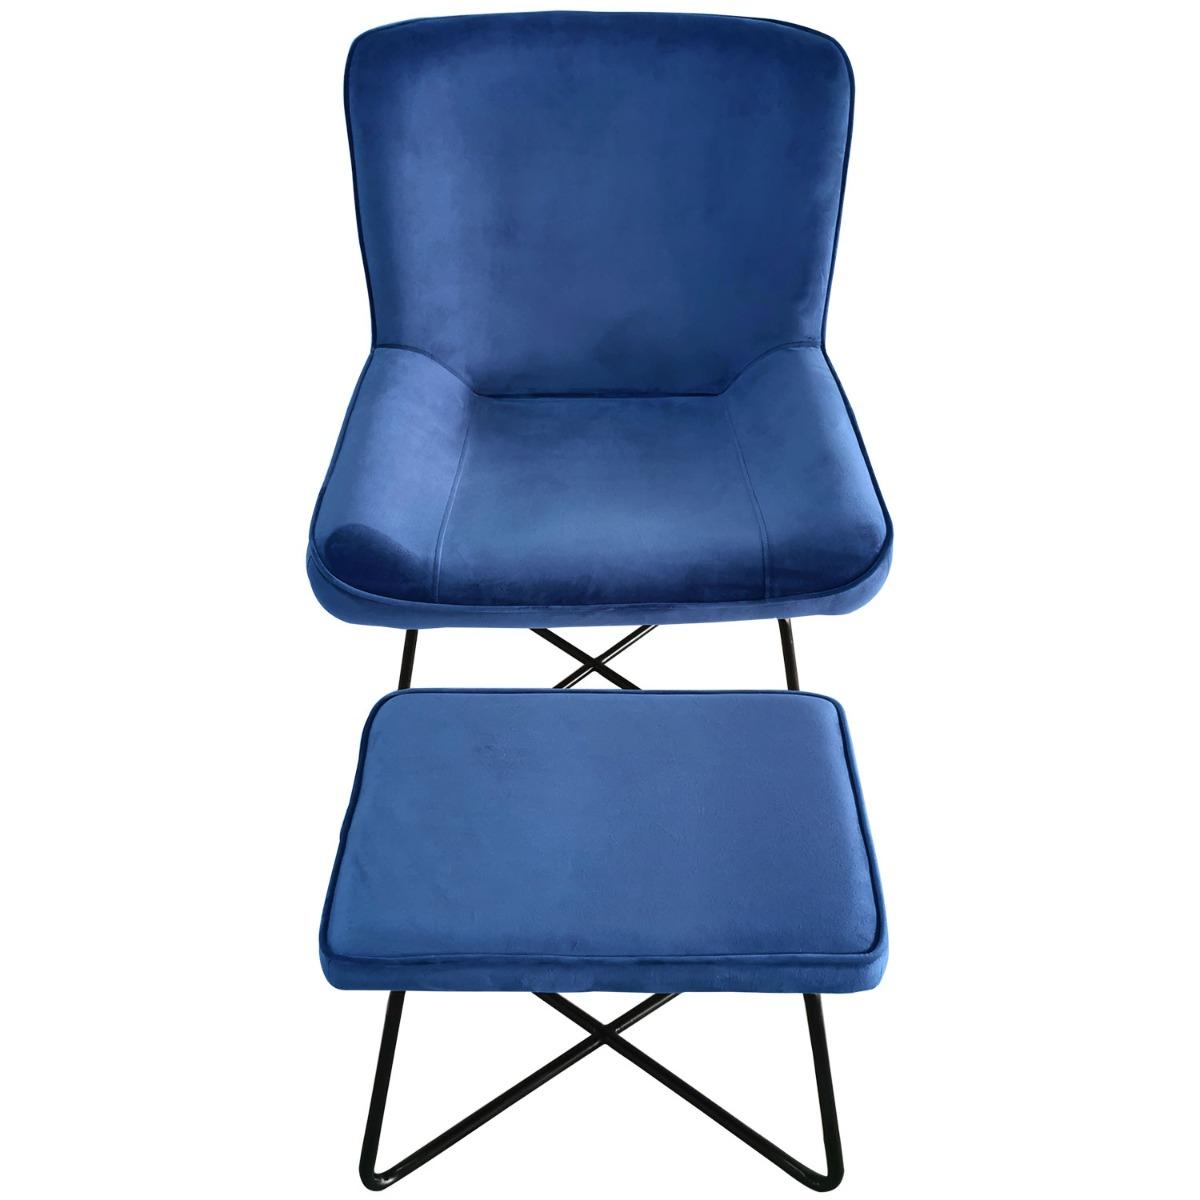 Georgie Sessel + Hocker, Samtbezug Blau